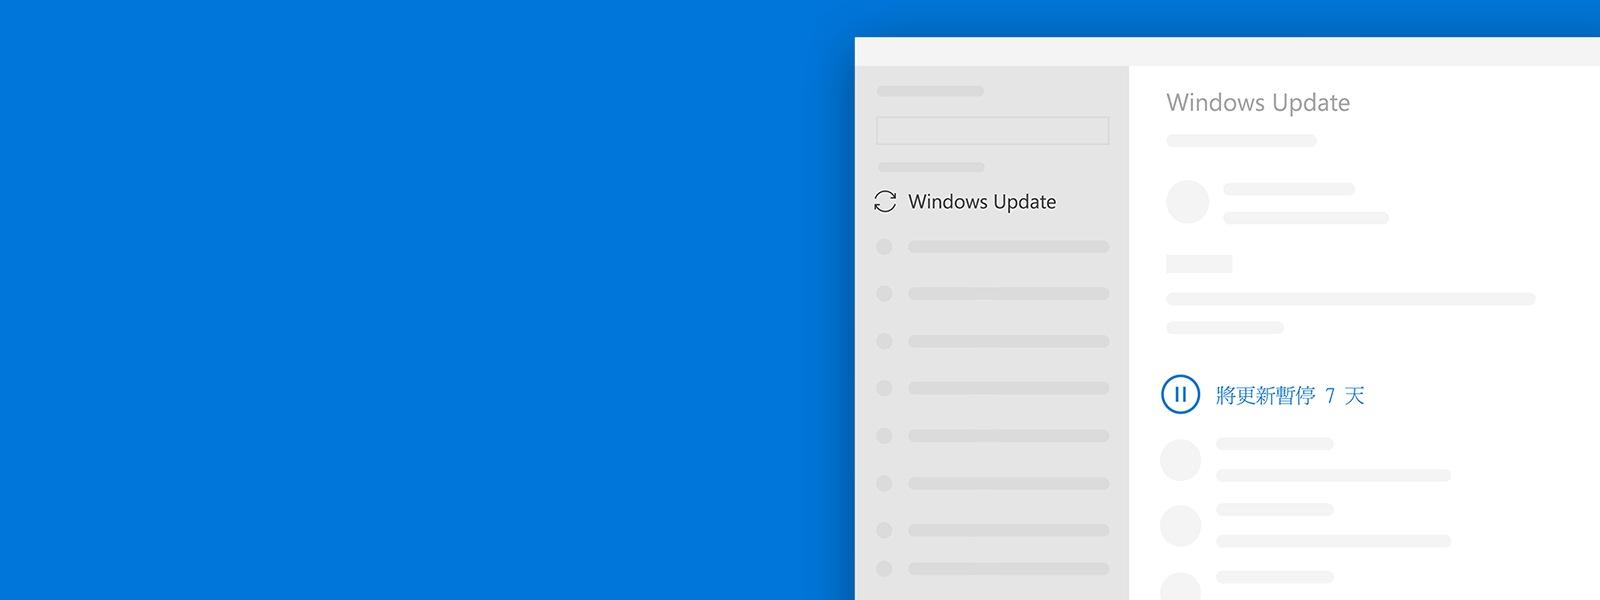 Windows 更新畫面